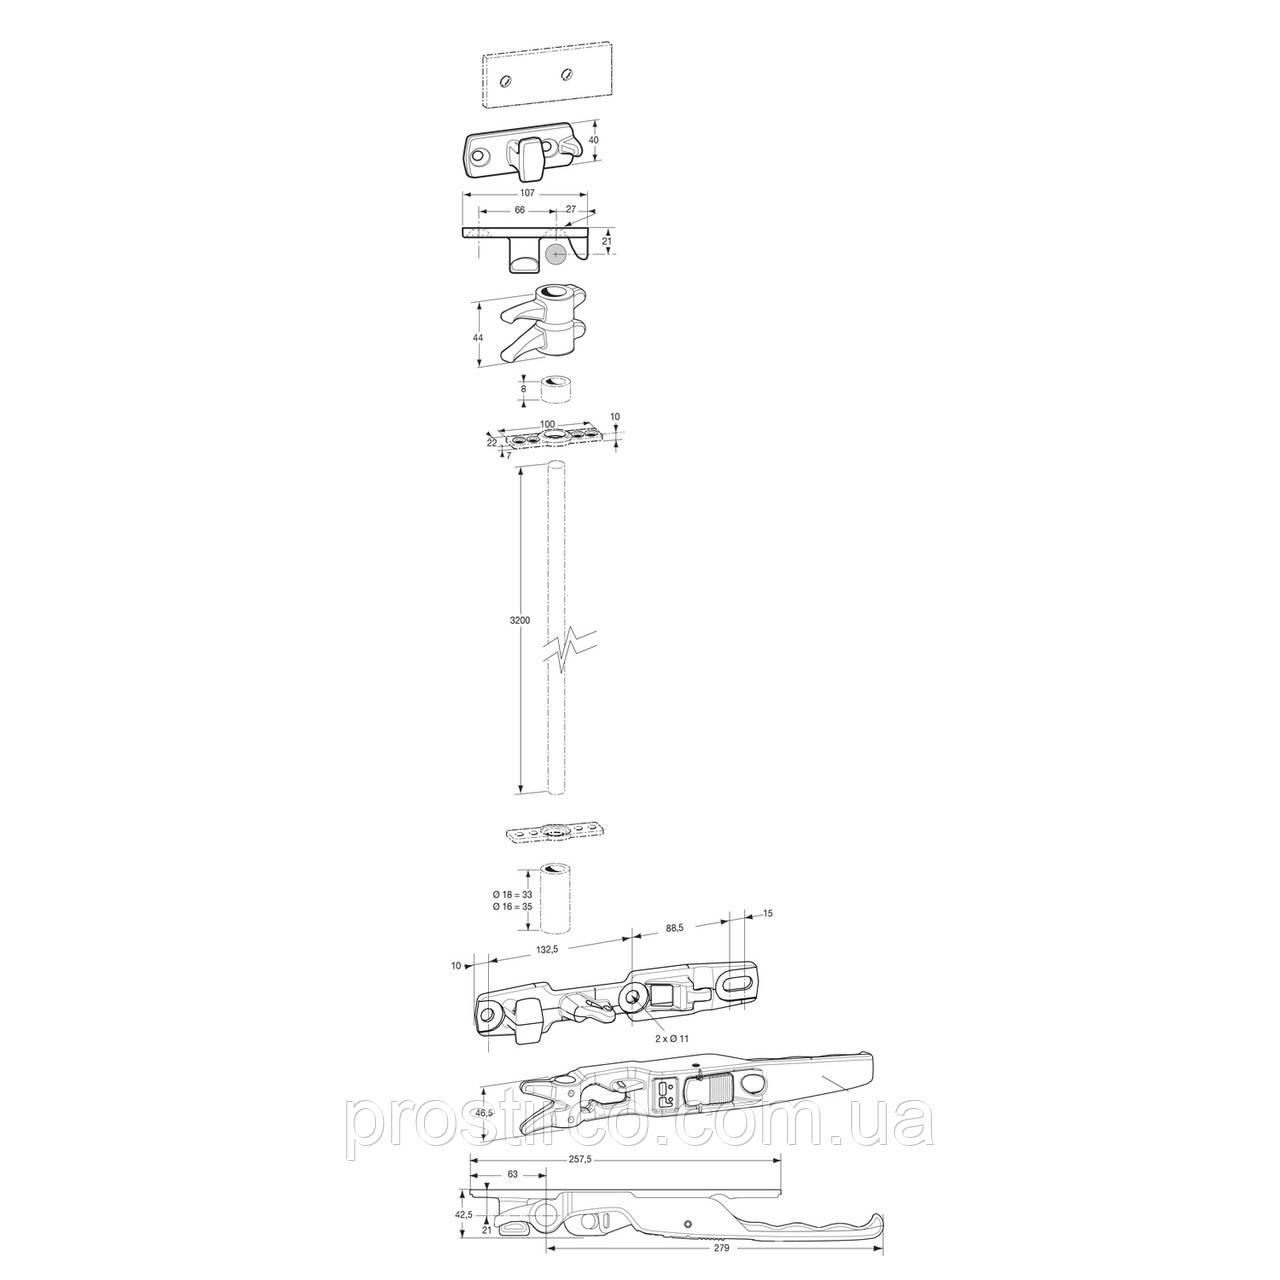 Замок оцинкований, внутренний, 18мм (комплект)